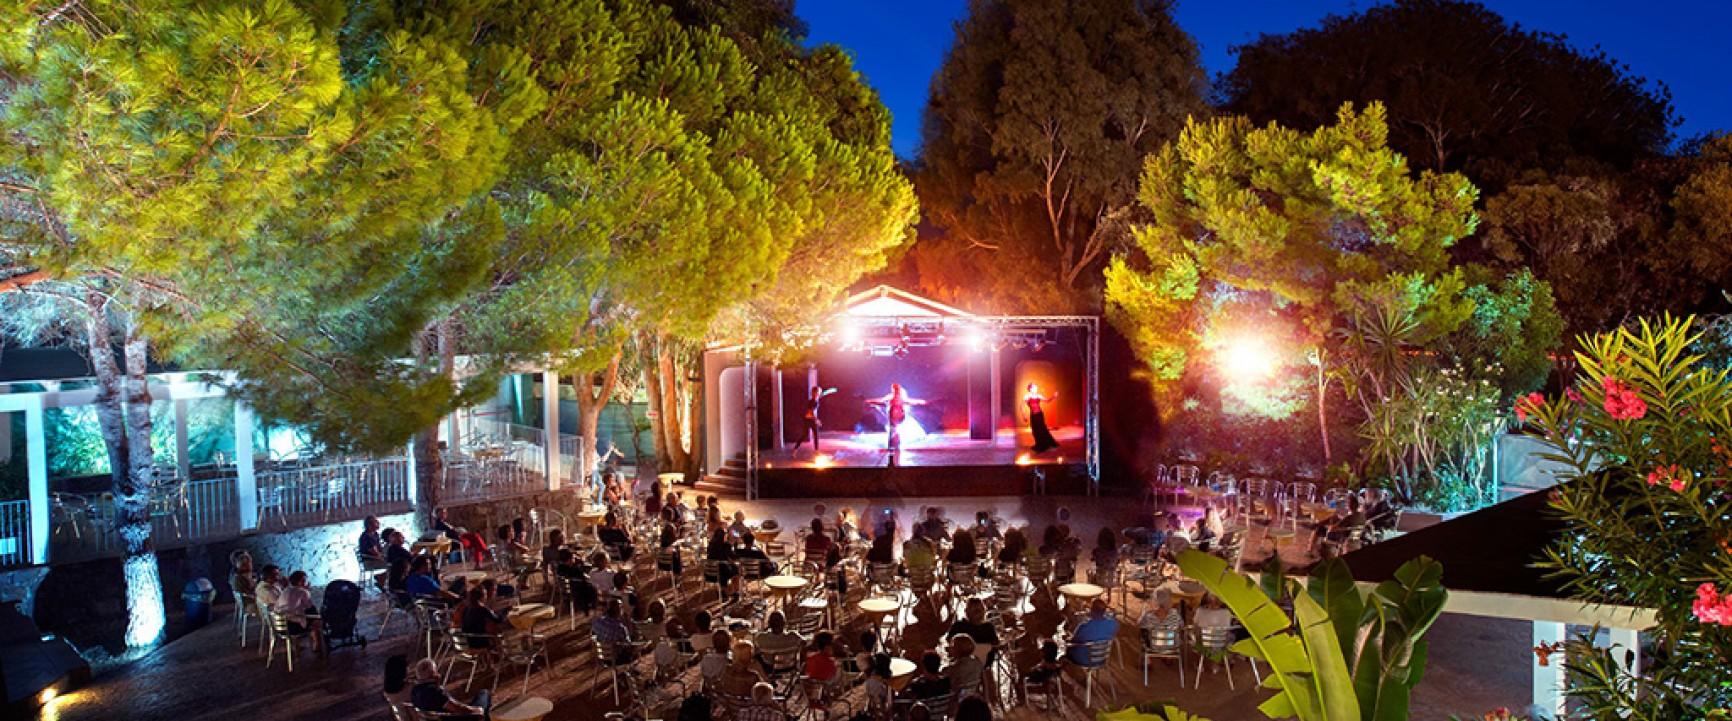 Futura Club Rocca Dorata